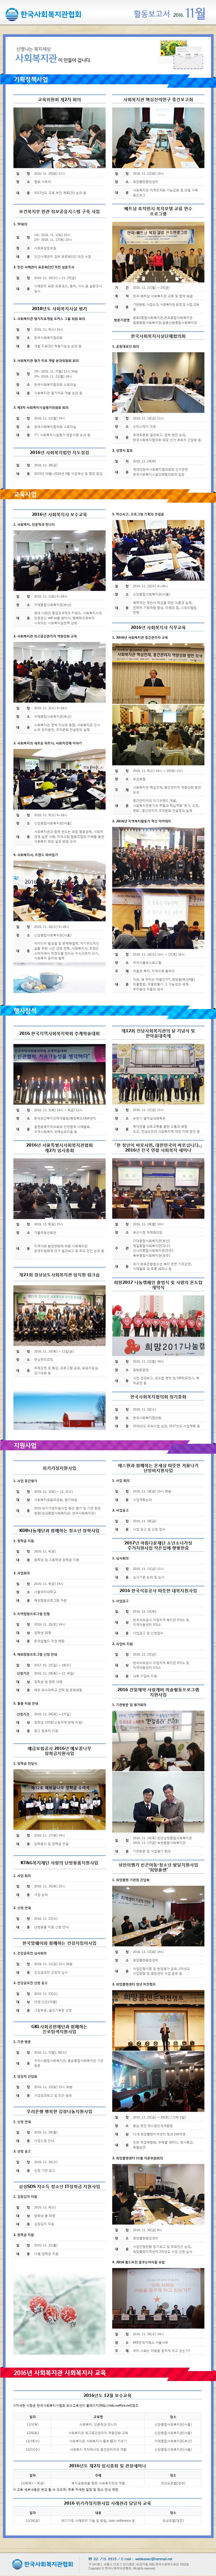 webzine_2016113002.png